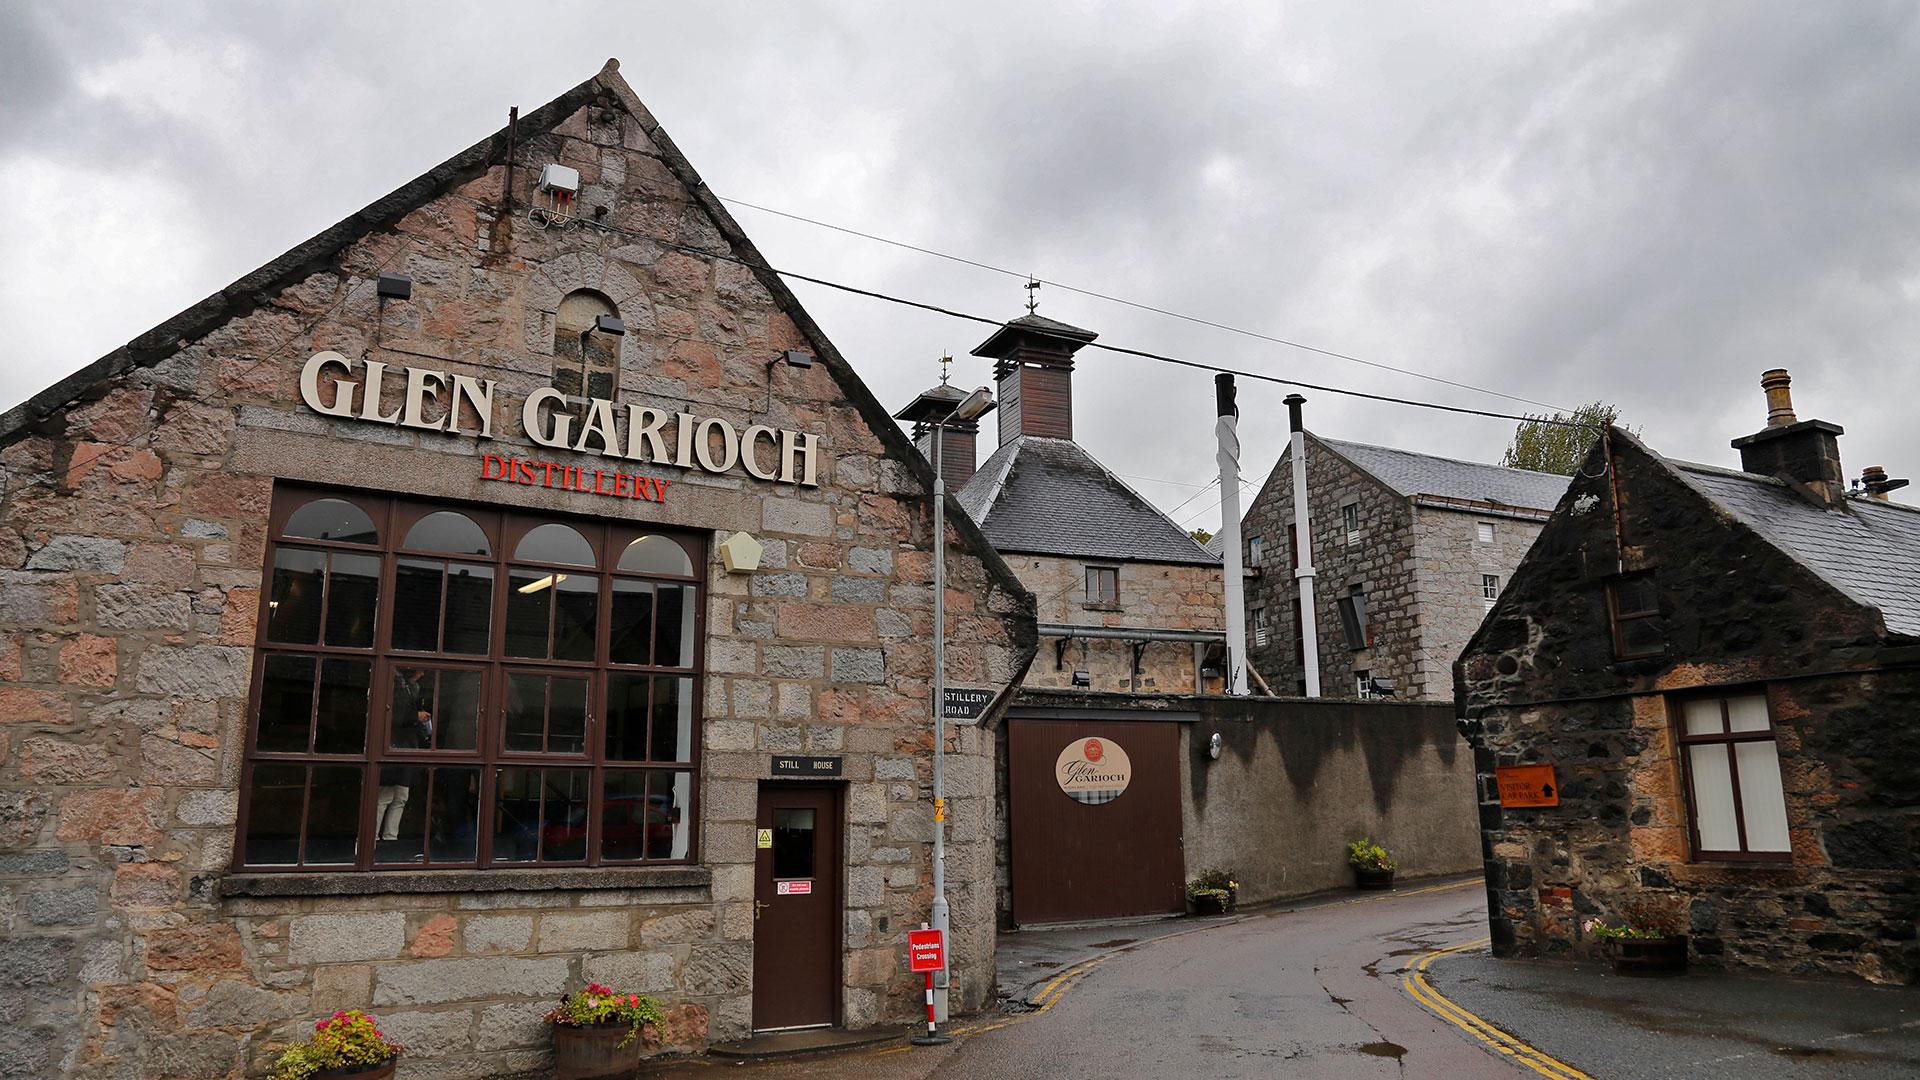 Die Glen Garioch Distillery bei typisch schottischem Wetter (Foto: Jonas Ingold / Flickr)